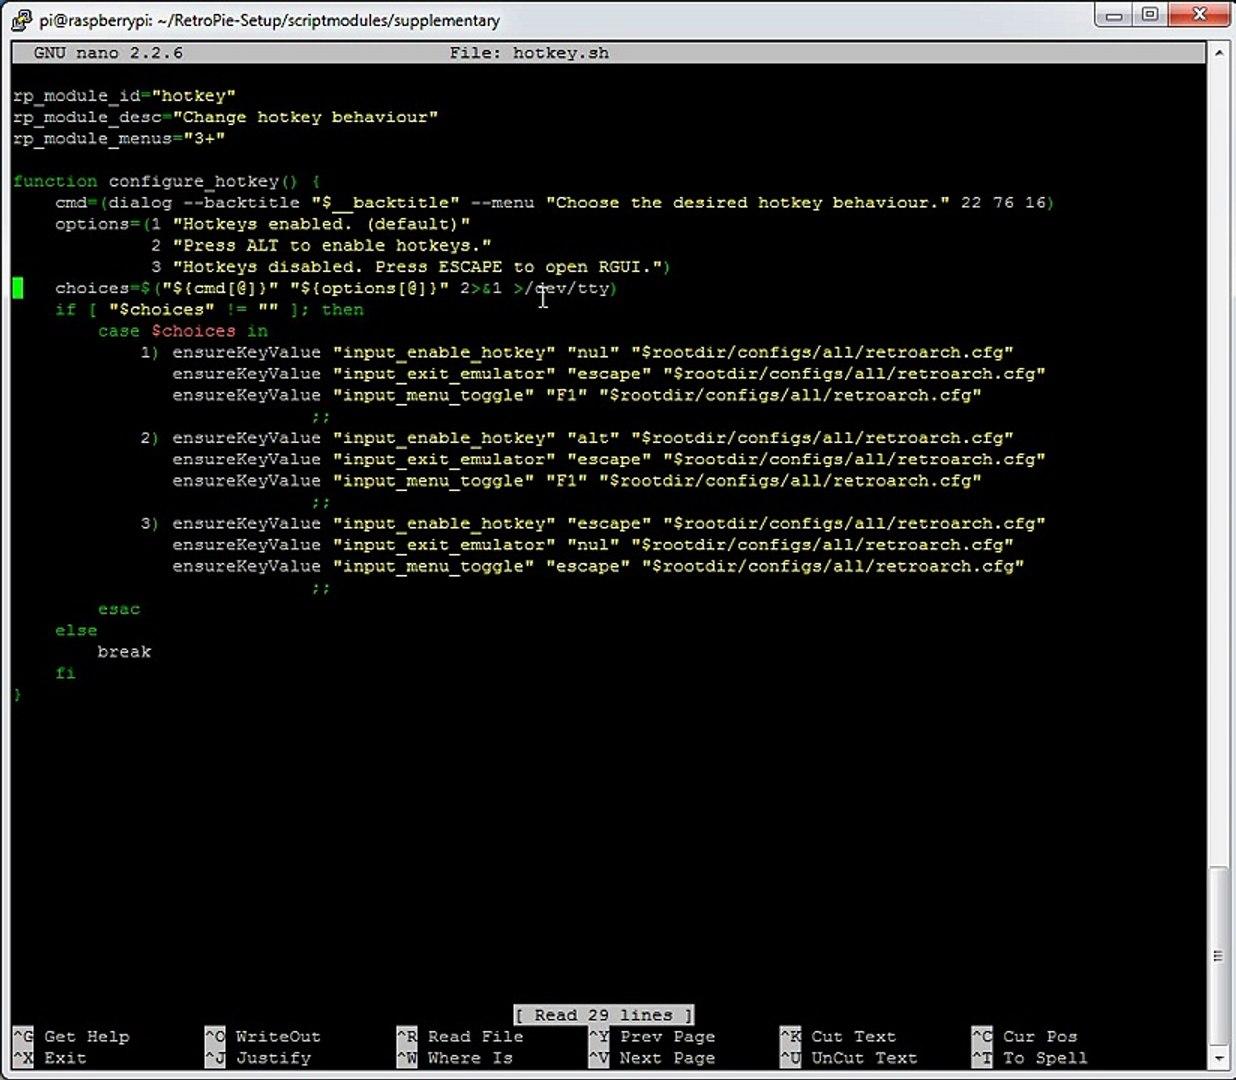 RetroPie - Hotkeys in retroarch emulator